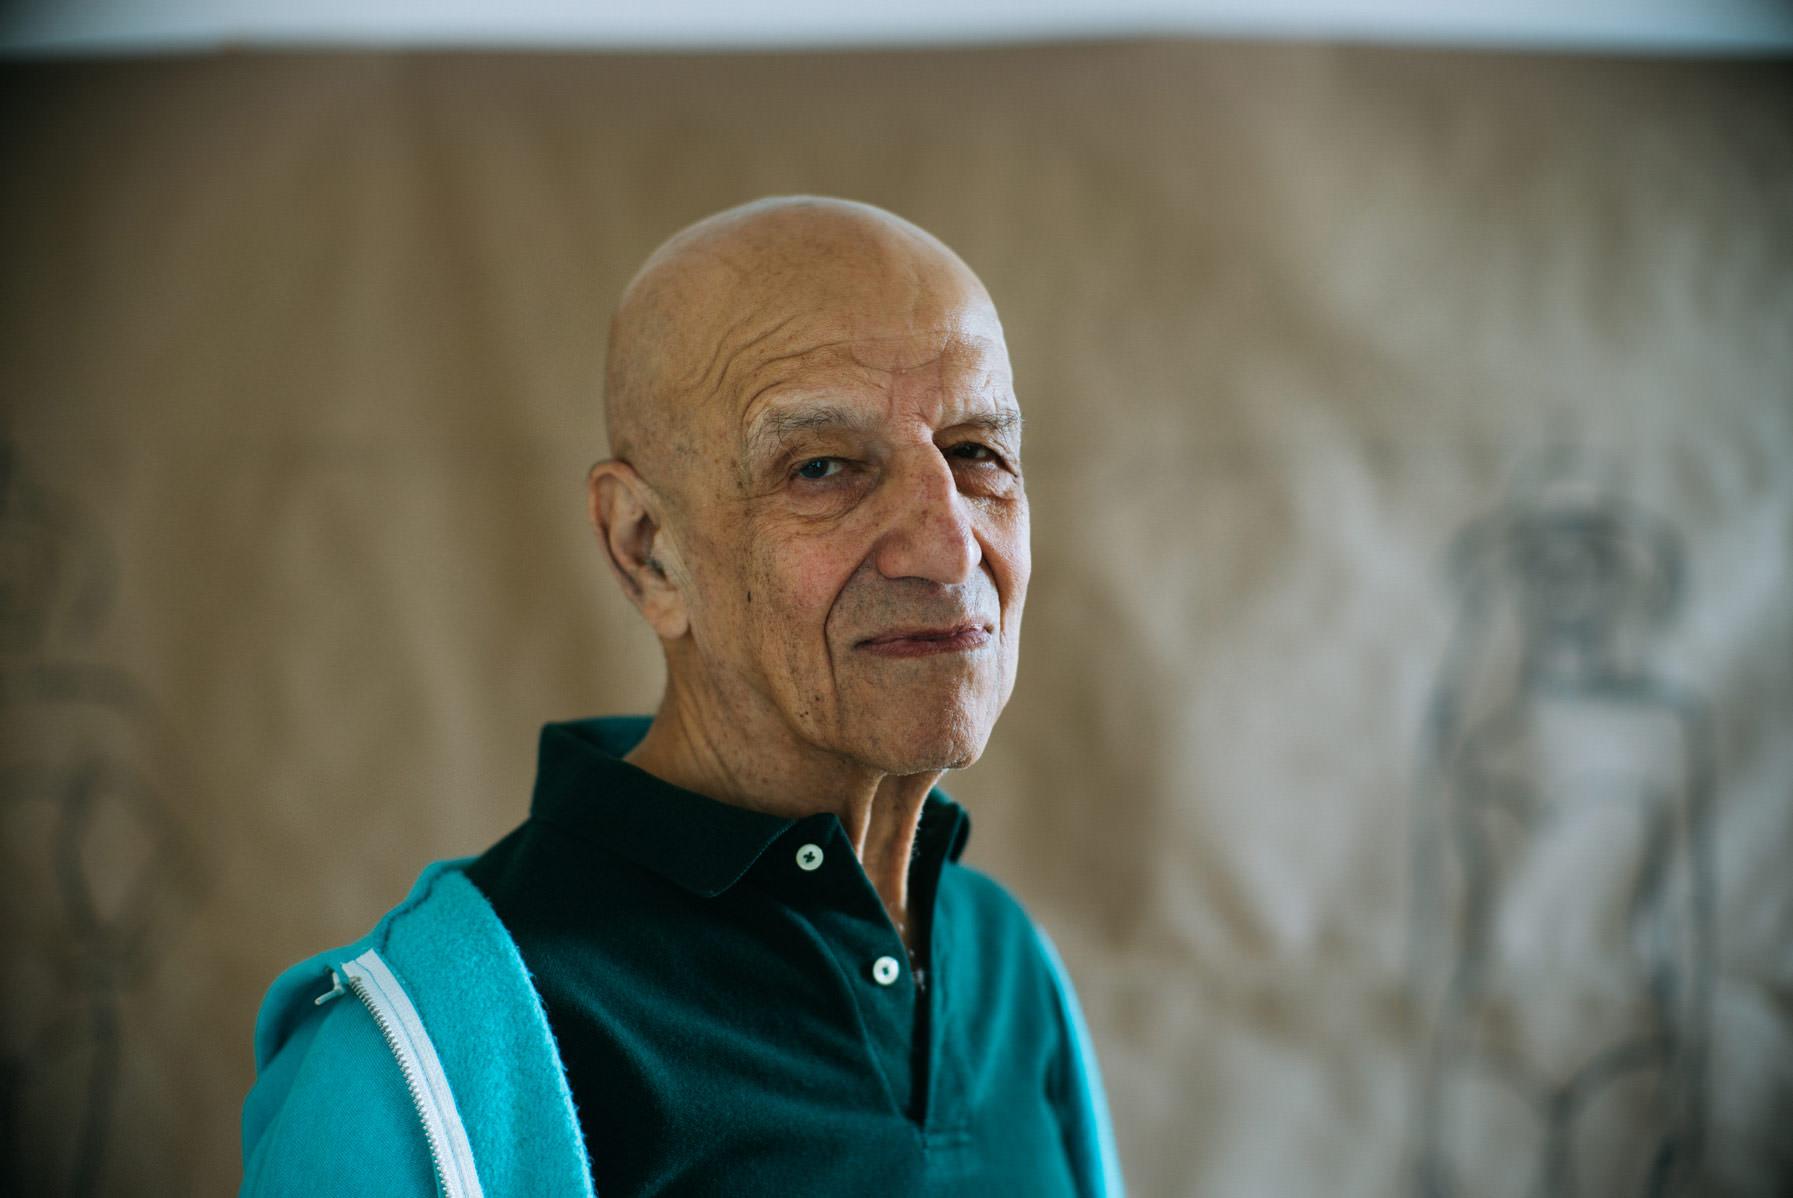 Portrait : Marcus Gaab pour Numero.com   Il a 89 ans et son exceptionnelle longévité artistique aura été bien utile à sa reconnaissance : c'est peu dire qu'AlexKatzn'a pas toujours eu le succès qu'il méritait. Lui qui clame depuis ses débuts que le style EST le contenu de sa peinture n'en a pour ainsi dire jamais changé. Imperturbable, il a traversé tous les grands courants artistiques avec une implacable froideur et, dans le meilleur des cas, certains se sont reconnus en lui. Artistes pop, minimalistes, conceptuels sont tous, en effet, redevables d'une manière ou d'une autre, à cet artiste, que seul un regain d'intérêt manifeste pour la peinture à la fin des années 90 fit considérer à nouveau. Ce regain d'attention fut le fait, en particulier, de jeunes artistes revisitant sans tabou les possibilités de la figuration picturale, d'Elizabeth Peyton à Peter Doig, dont les célèbres tableaux représentant des canoës sont des hommages appuyés à AlexKatz. Tous virent en lui un infatigable précurseur. Aujourd'hui salué par la critique et le marché comme l'une des figures saillantes de l'art du XXe siècle, qu'il a traversé allègrement, le compromis esthétique n'a cependant pas été son fort.